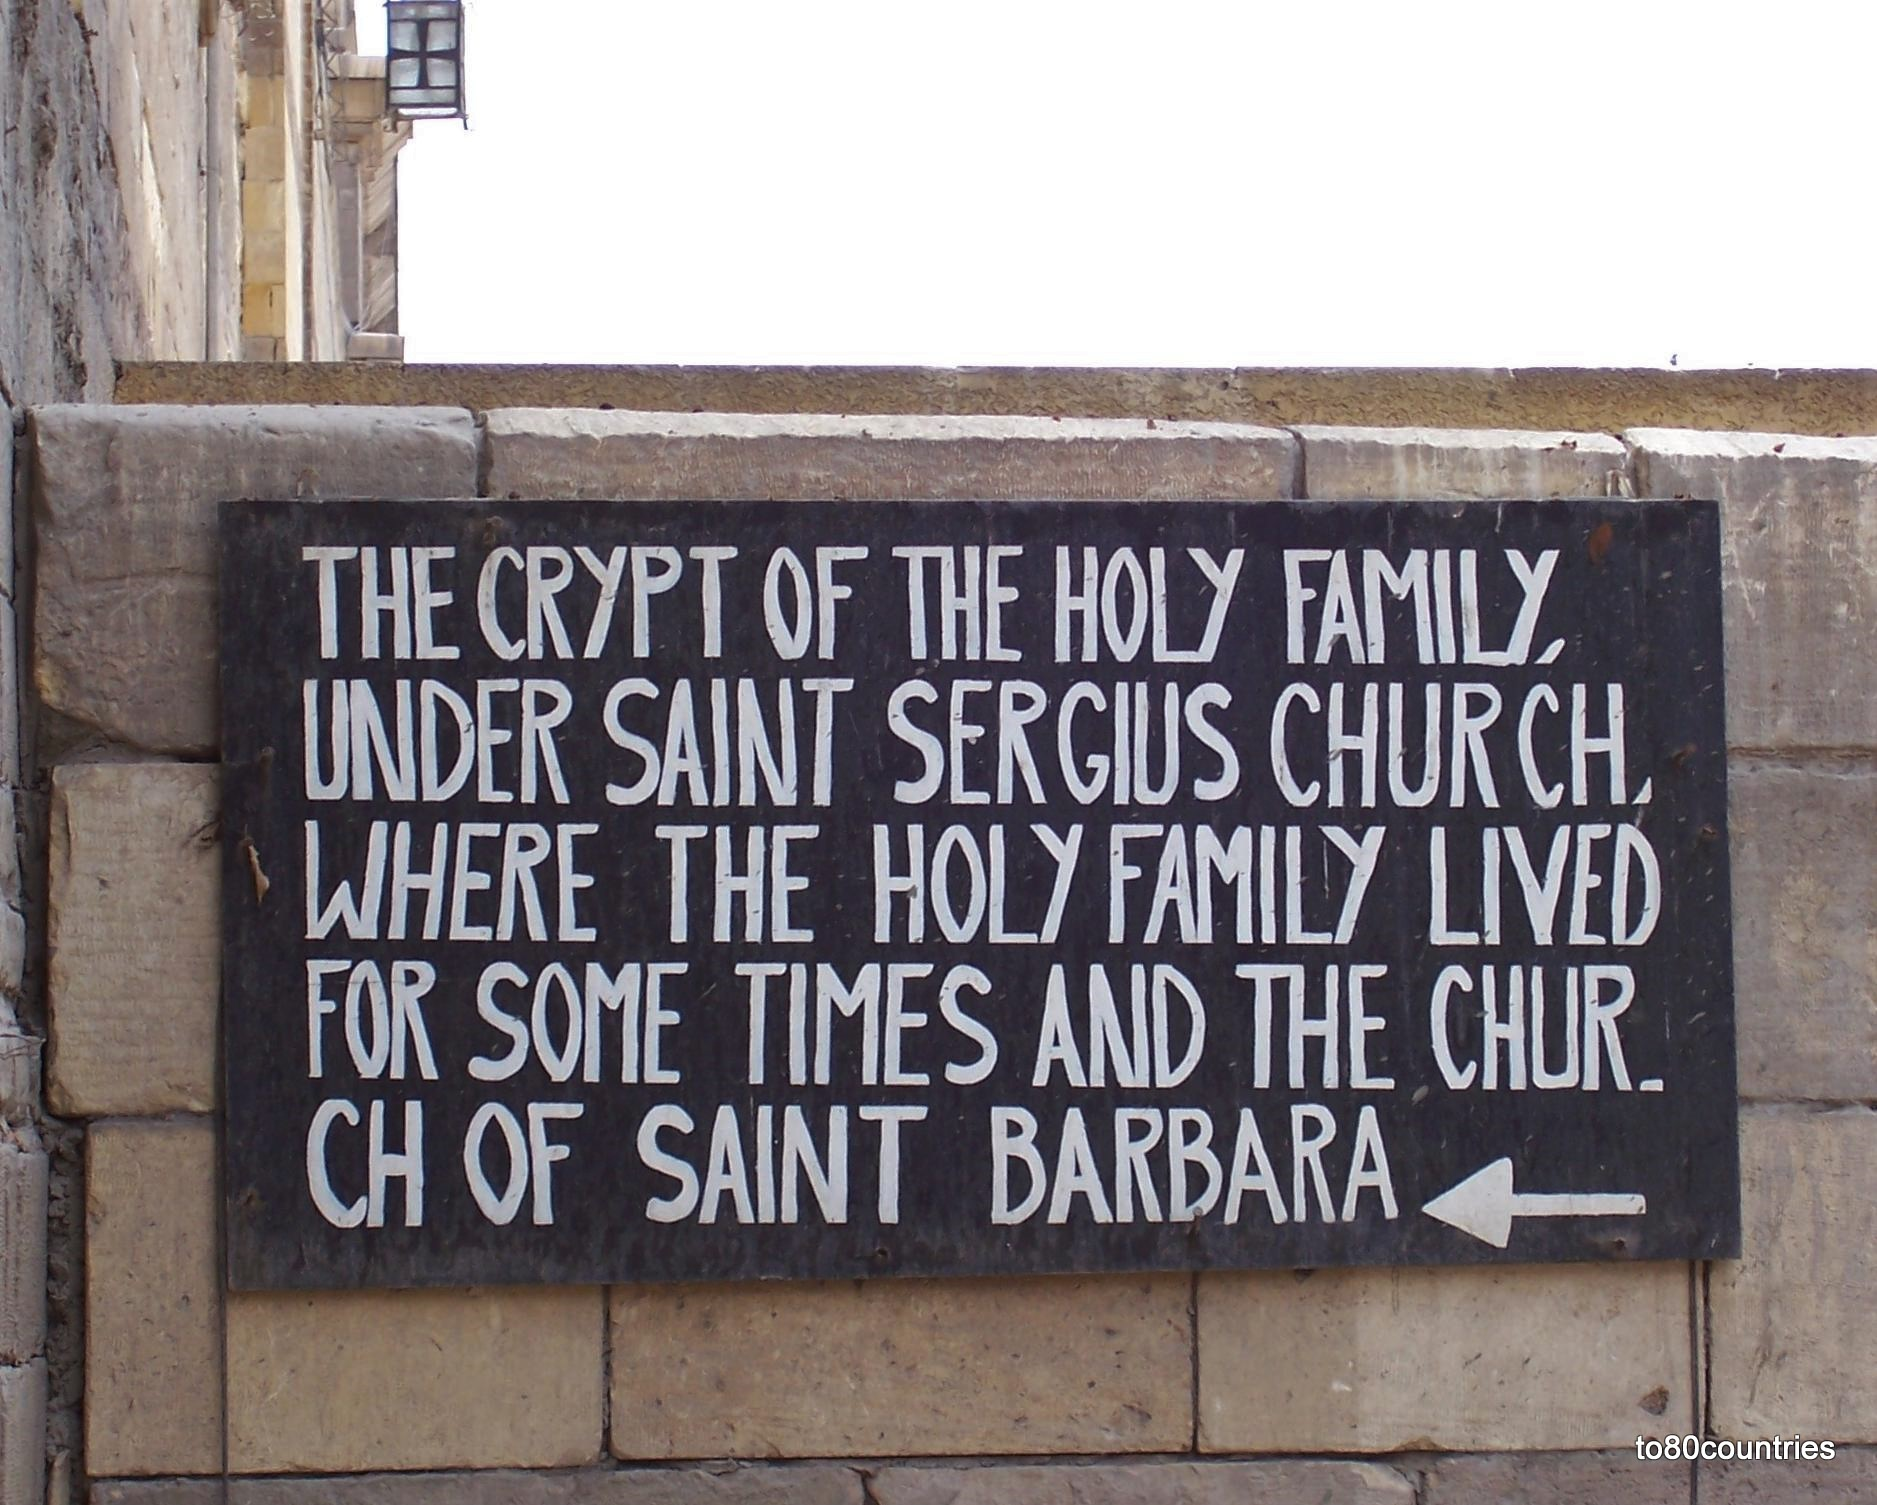 St. Sergius und Bakchos - Alt-Kairo